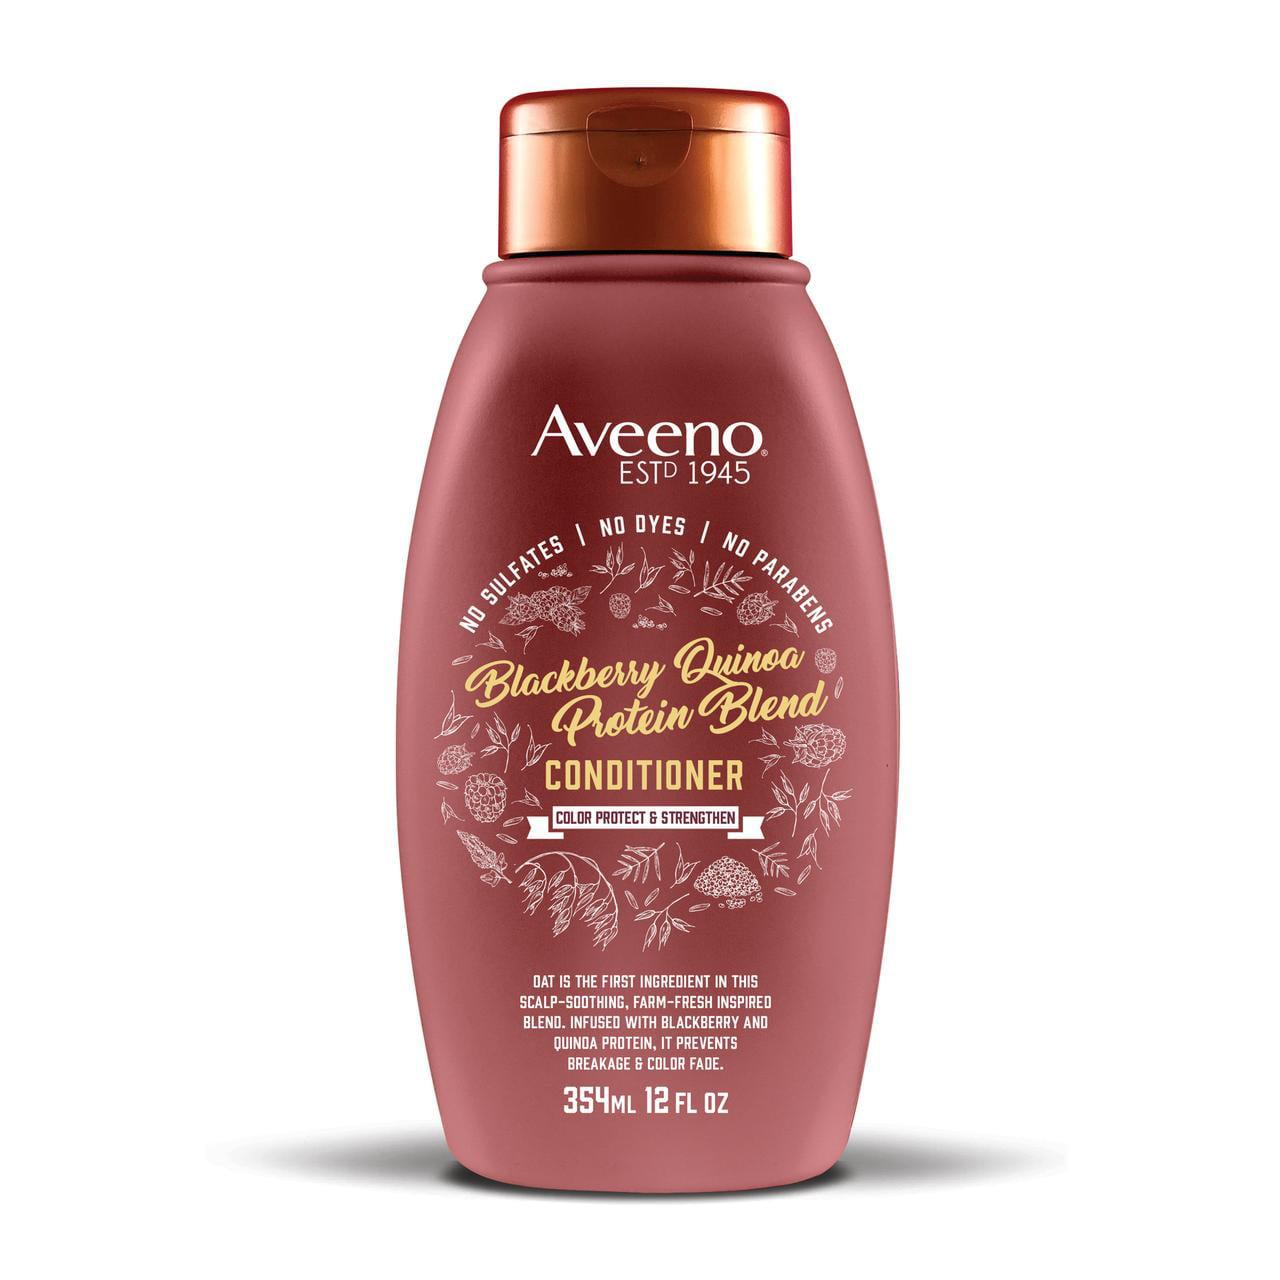 Aveeno Blackberry Quinoa Protein Blend Conditioner, 12 fl. oz